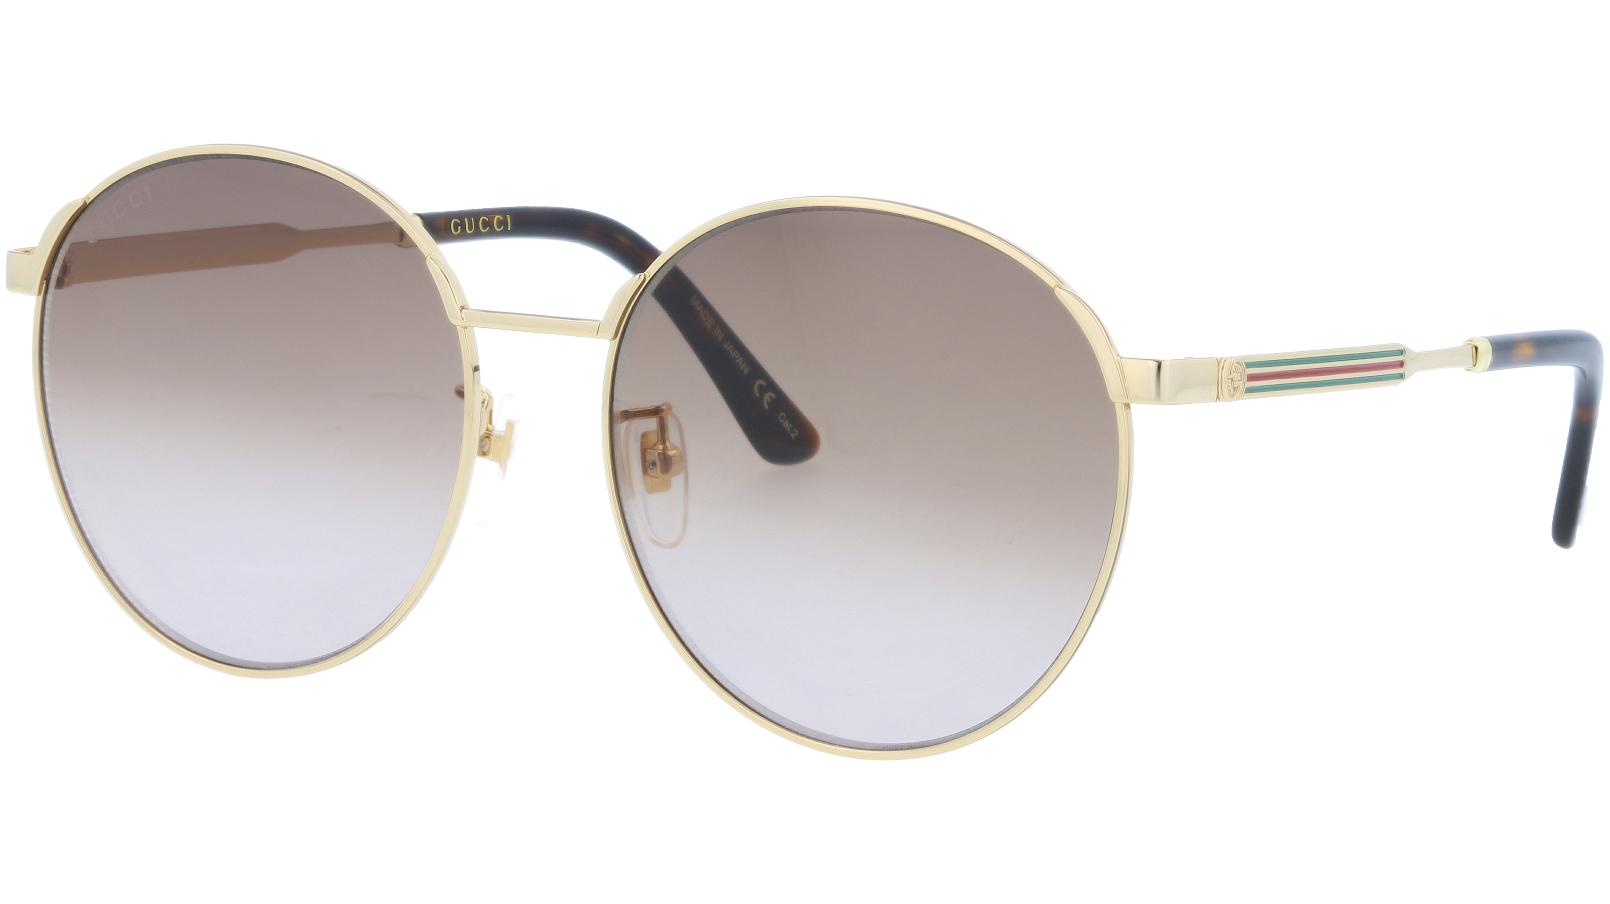 GUCCI GG0206SK 003 58 GOLD Sunglasses